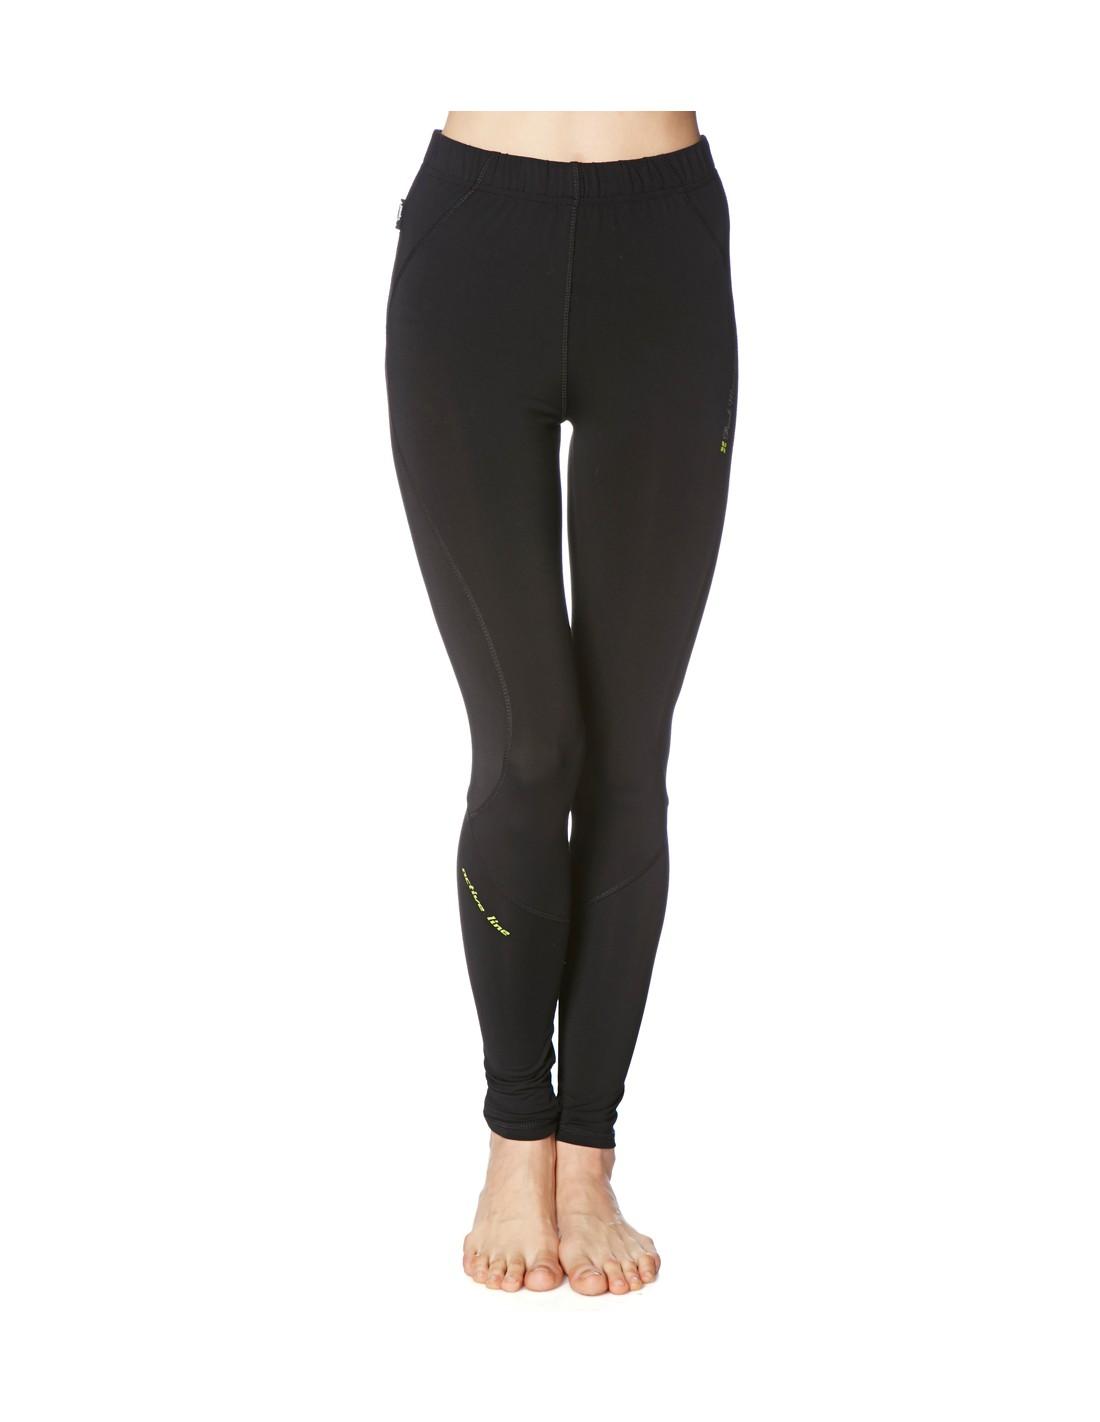 Legging Femme ARNET/CX